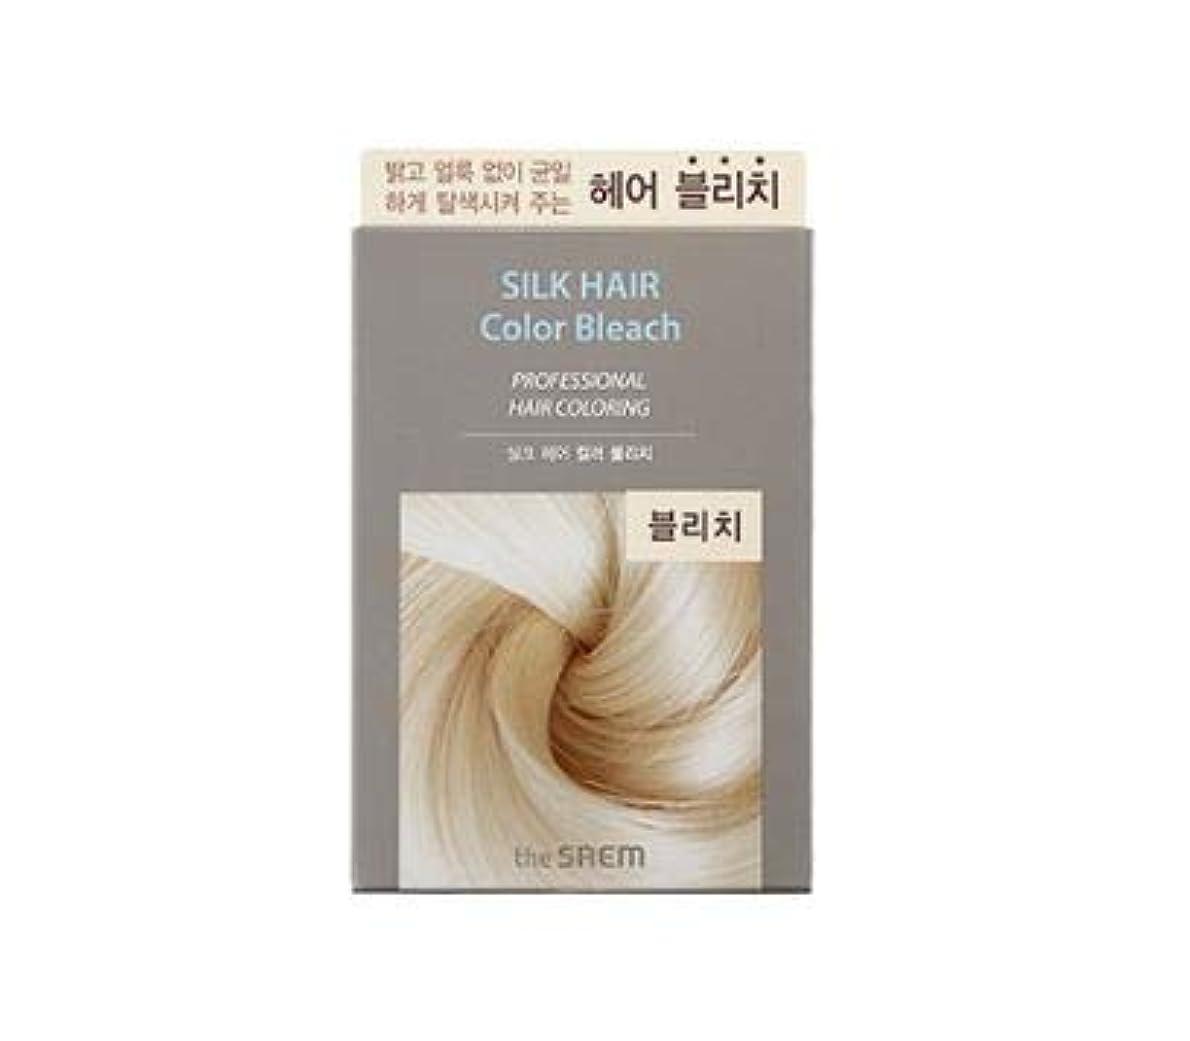 シェル鰐遅らせるThe Saem SliK Hair Color Bleach ザセムシルクヘアカラーブリーチ [並行輸入品]